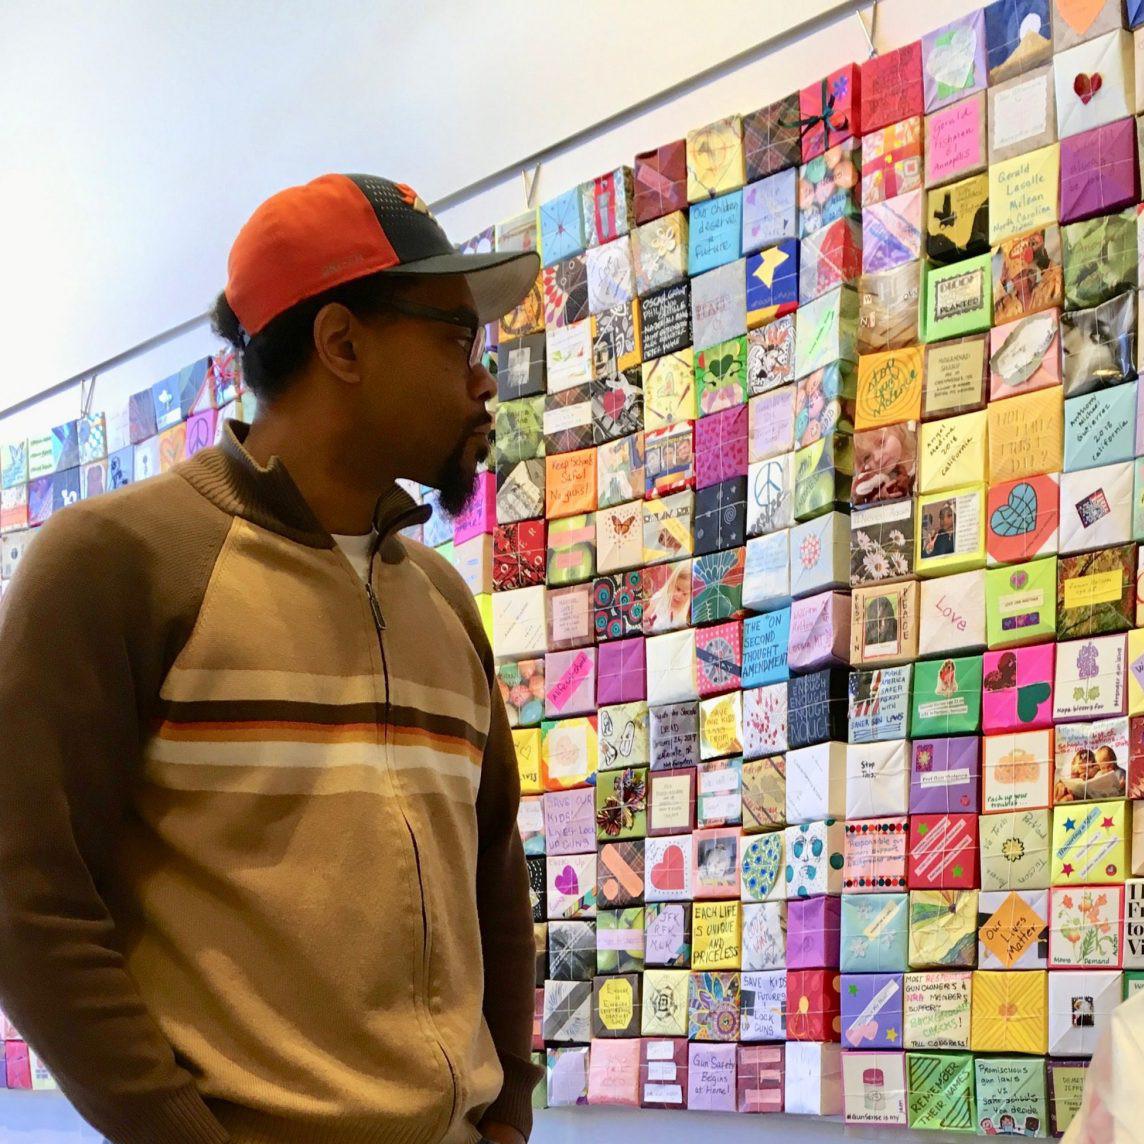 Man views Soul Box exhibit, Portland, OR